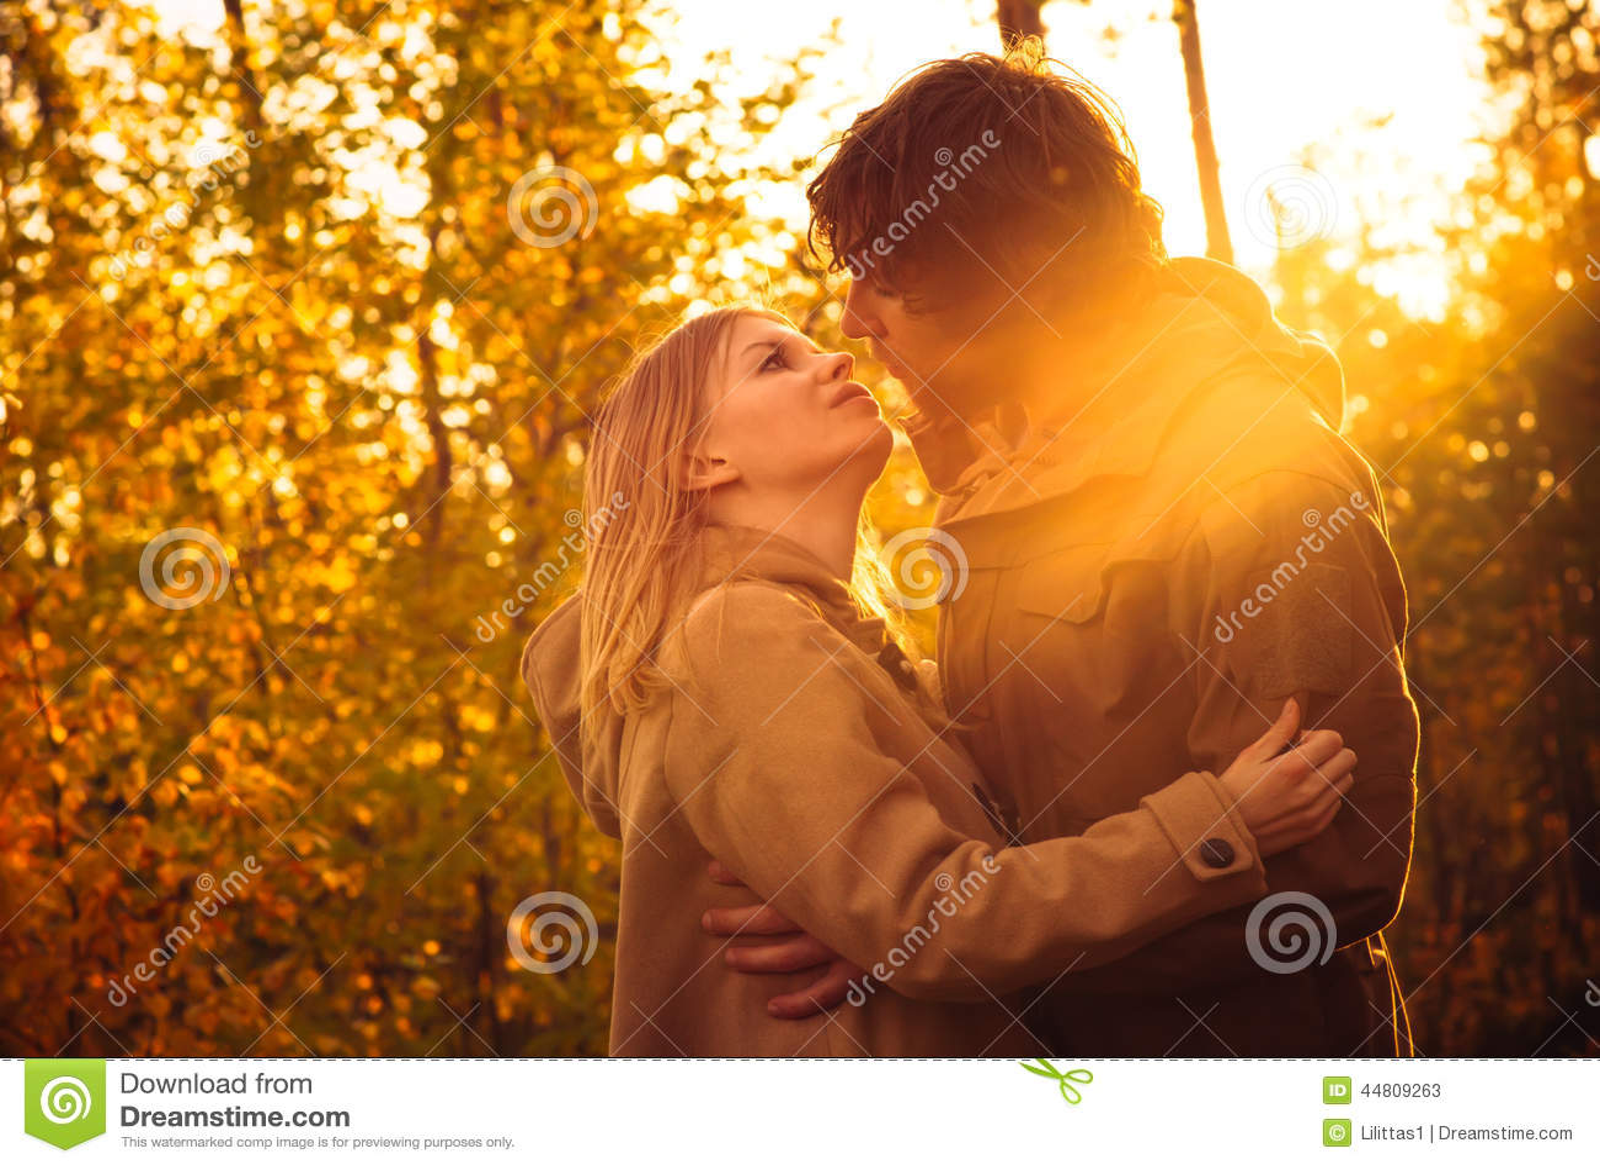 Küssen, während der Datierung christian